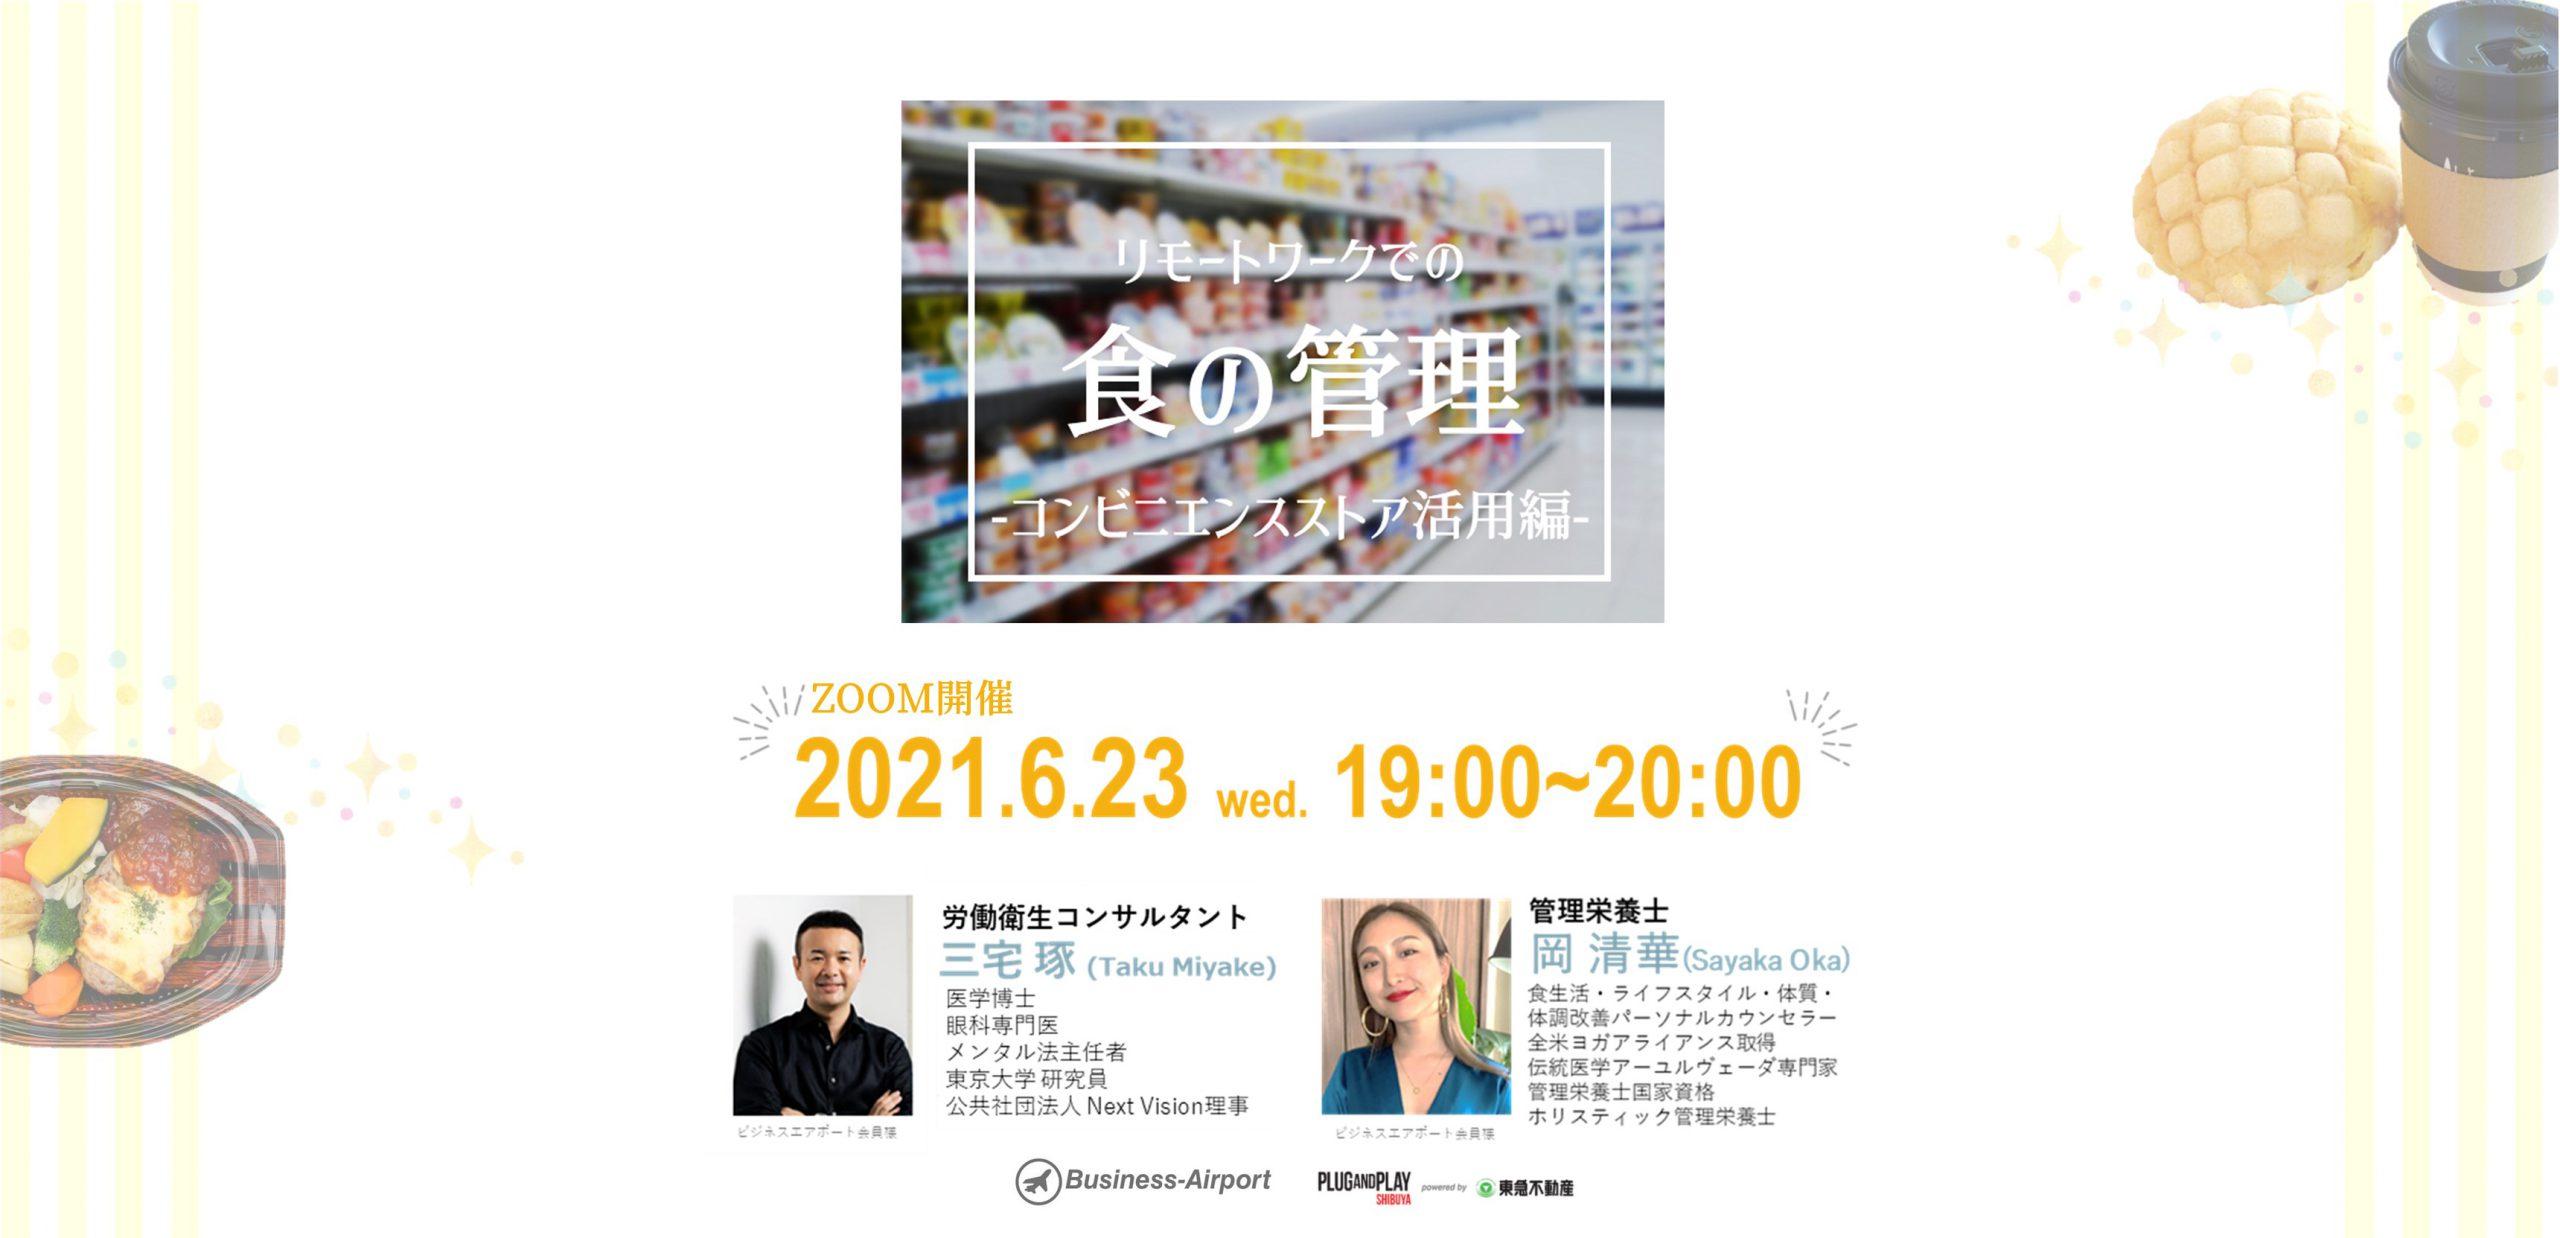 【オンラインセミナー】リモートワークでの食の管理-コンビニエンスストア活用編-